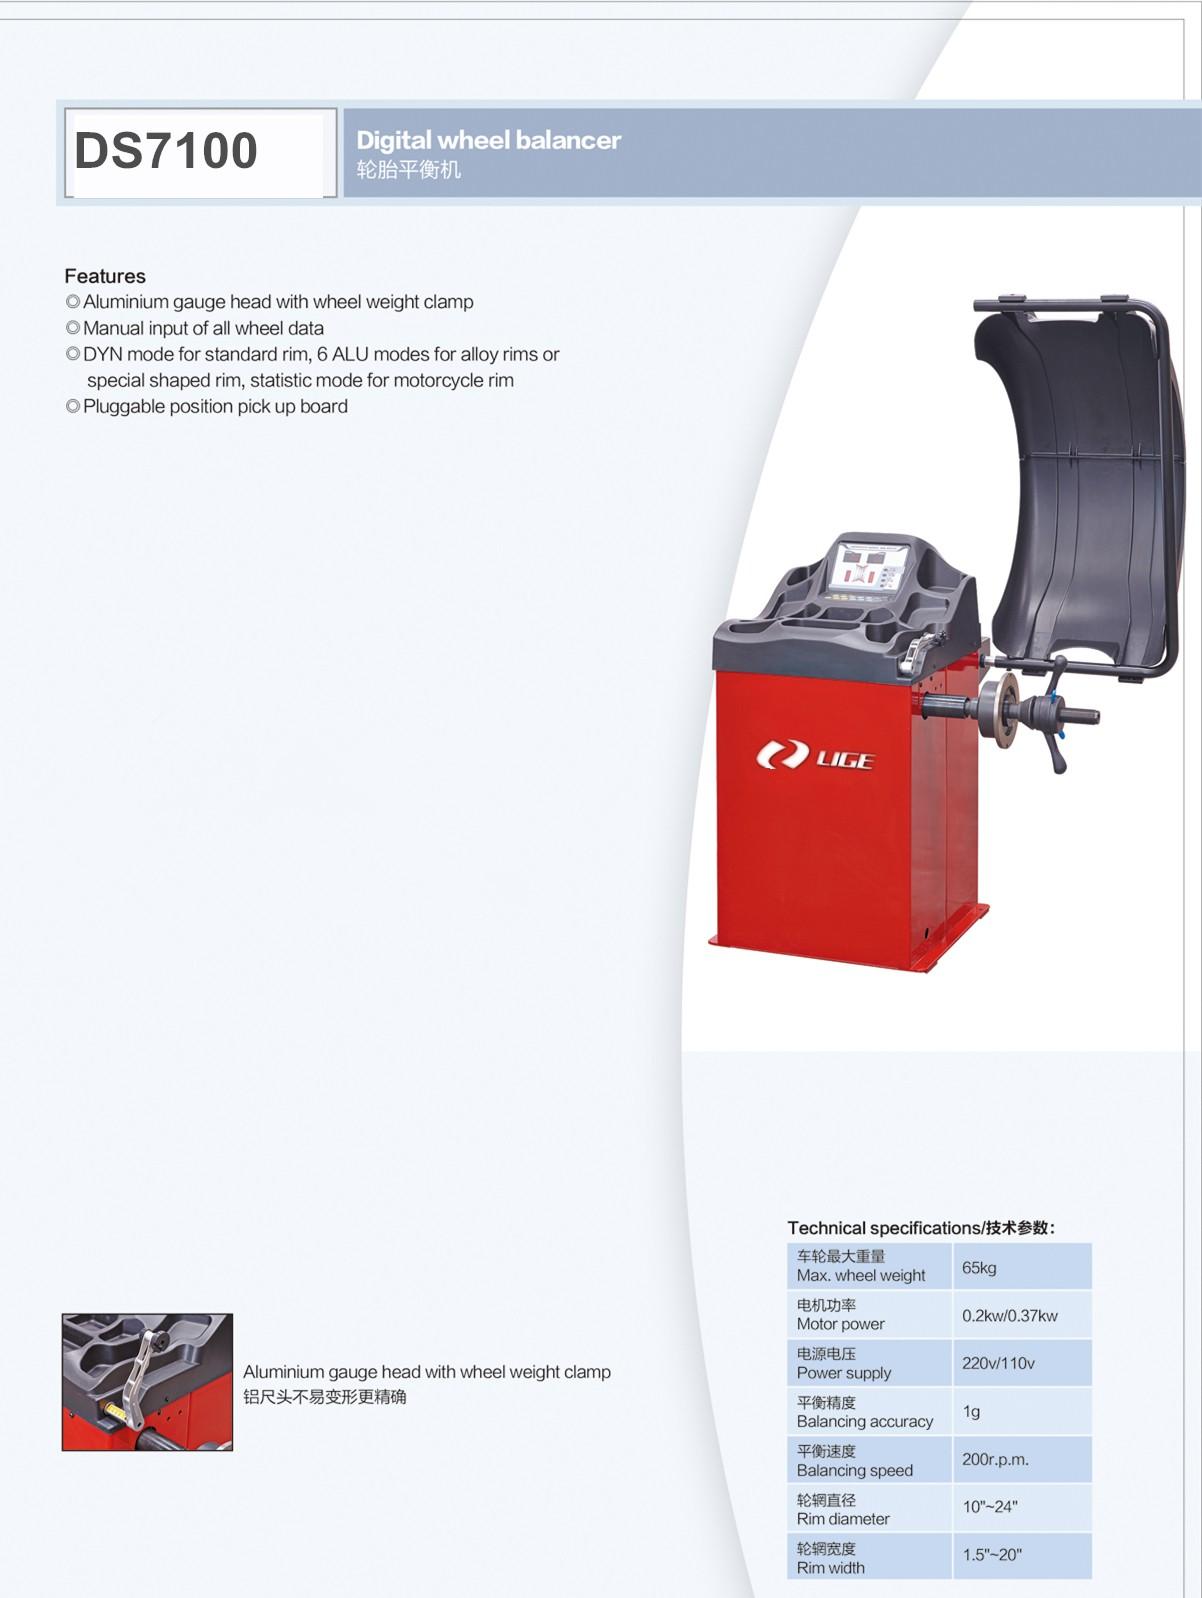 DS7100.jpg